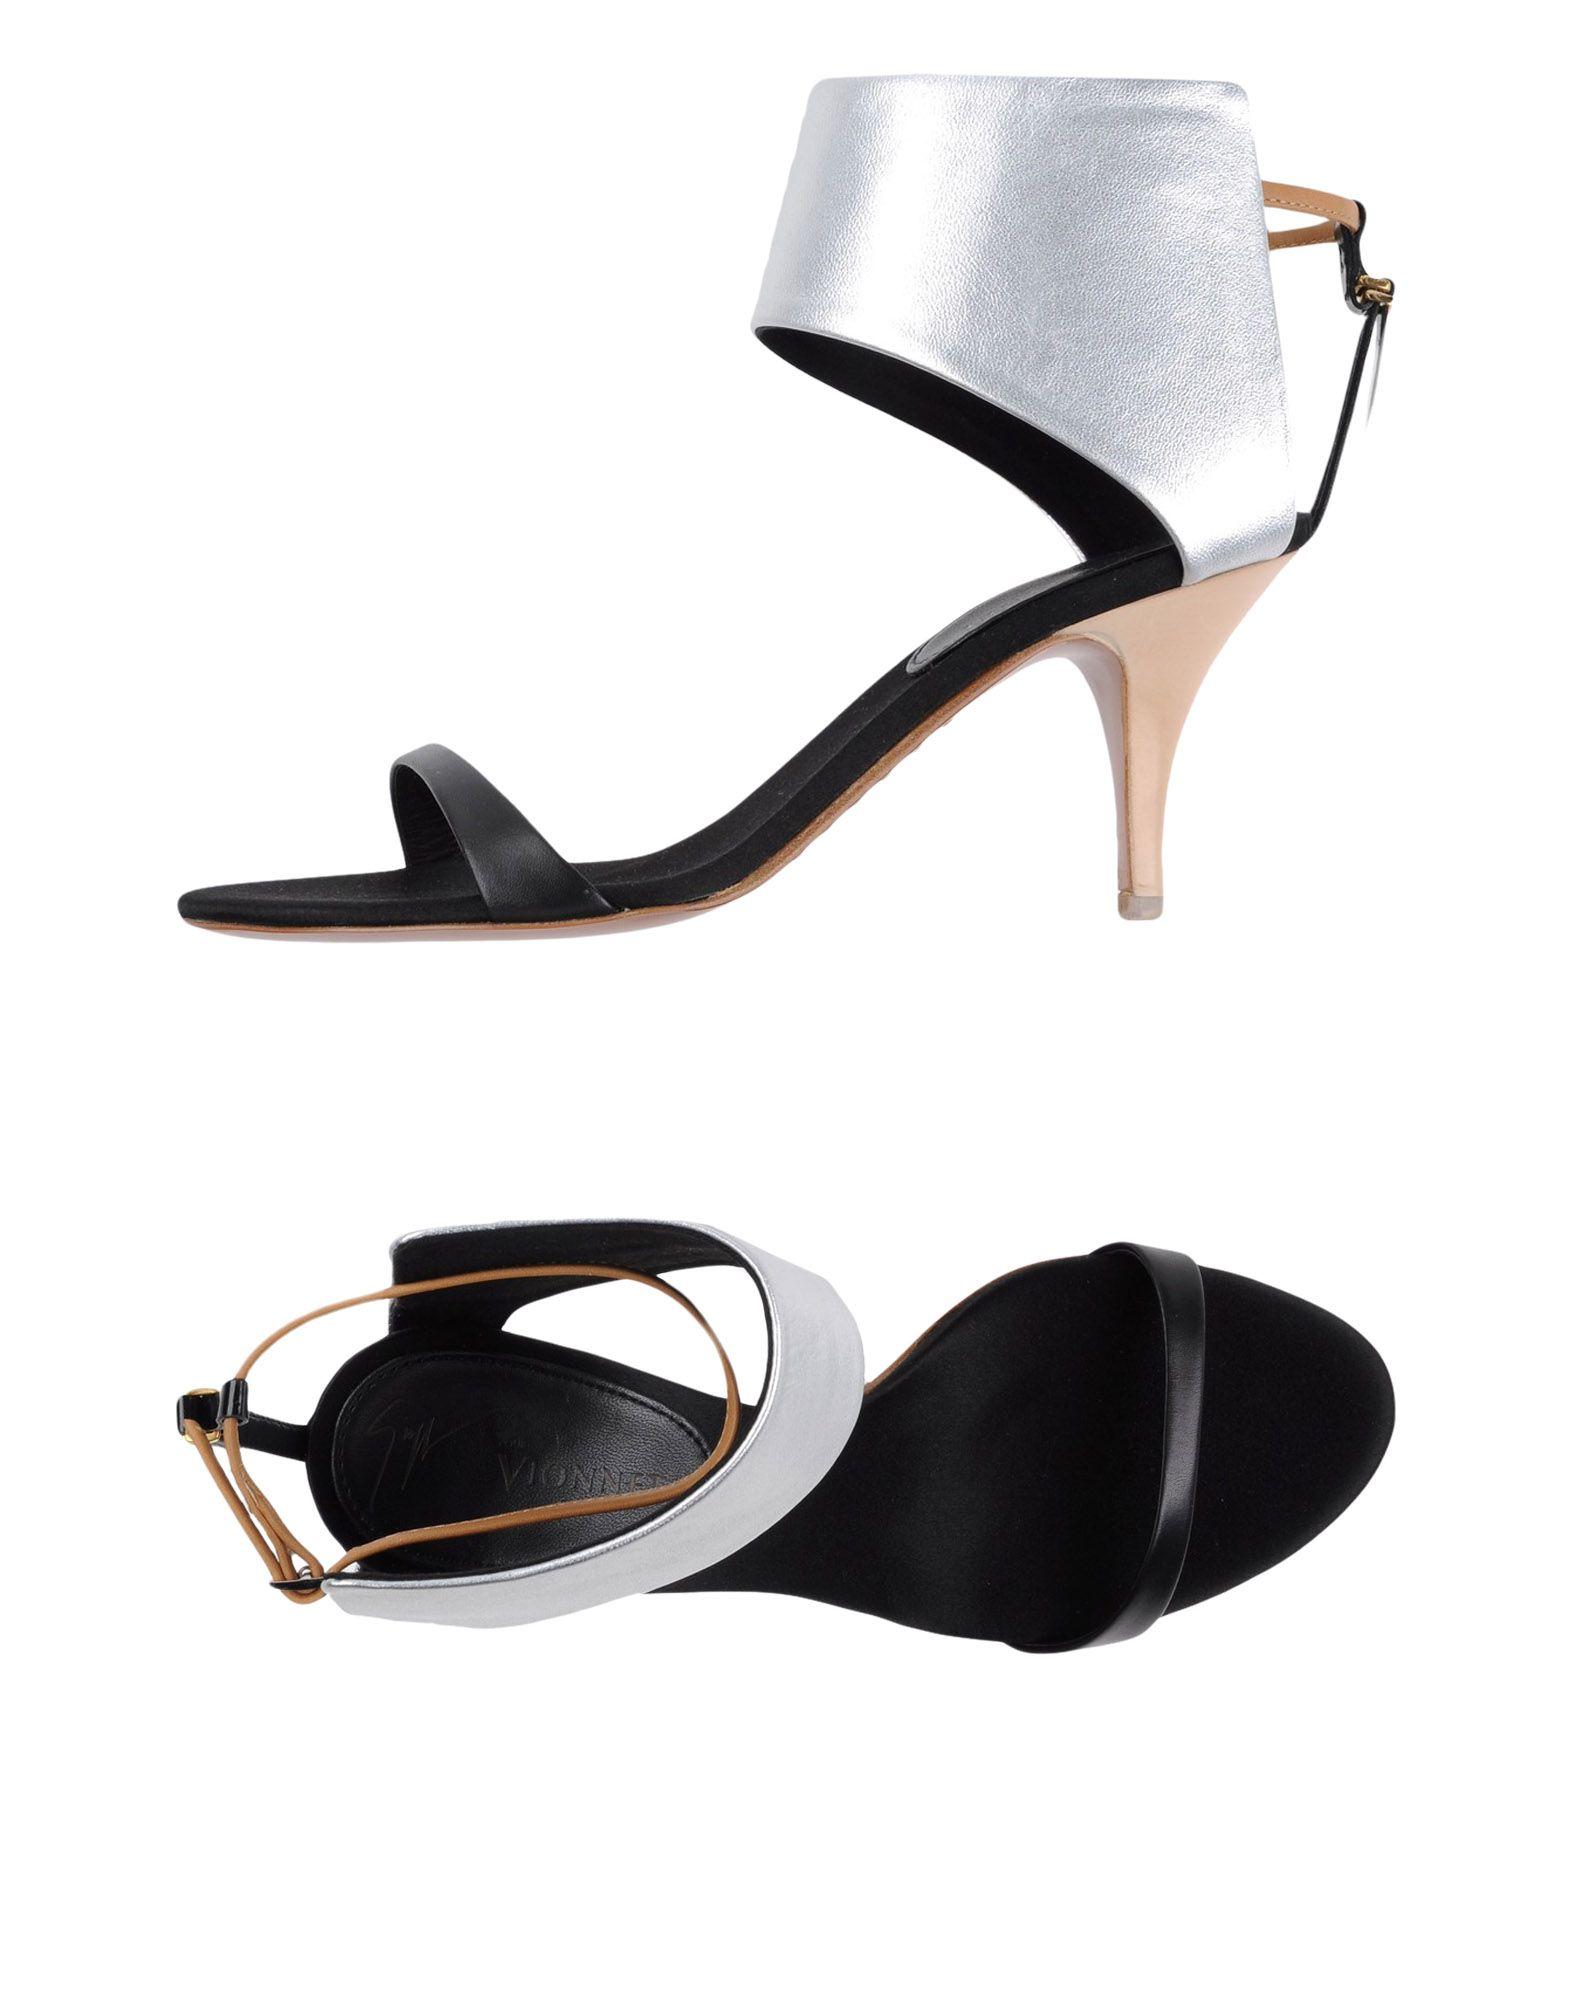 Sandales Giuseppe Zanotti Design Pour Vionnet Femme - Sandales Giuseppe Zanotti Design Pour Vionnet sur